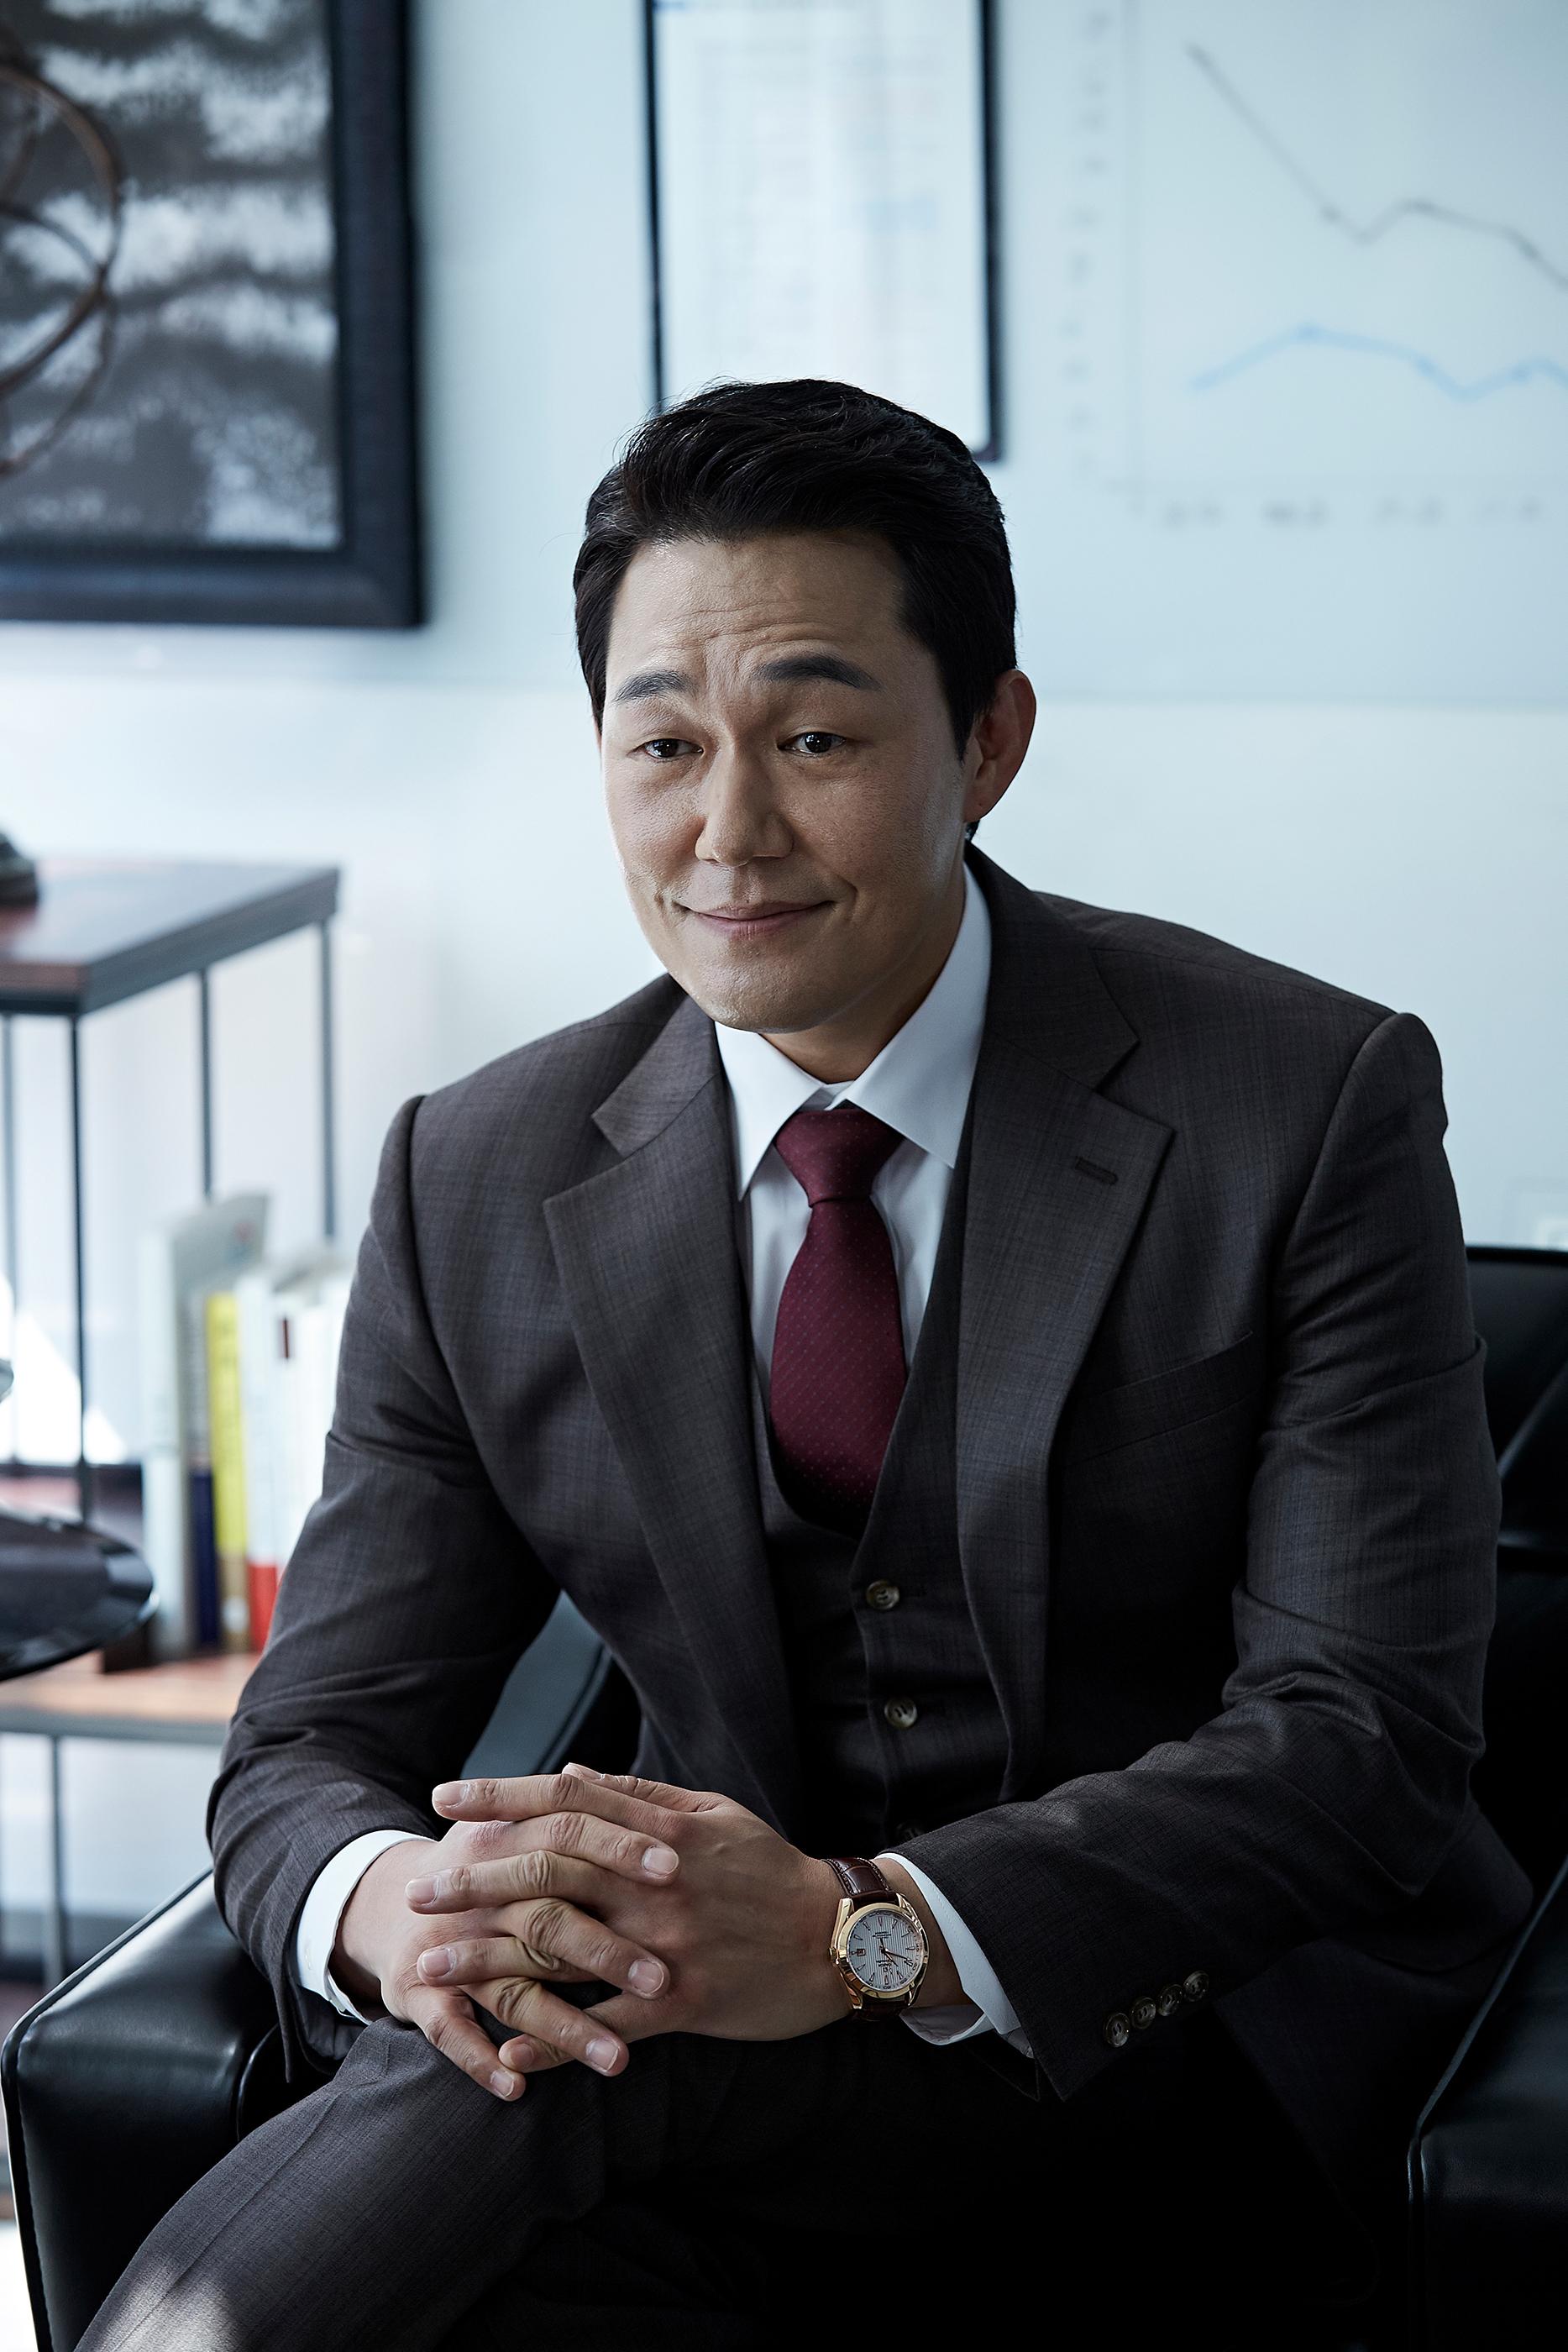 까도까도 나오는 다양한 반.전.매.력♬ 귀여움부터 상남자까지 다 되는 배우 박.성.웅★